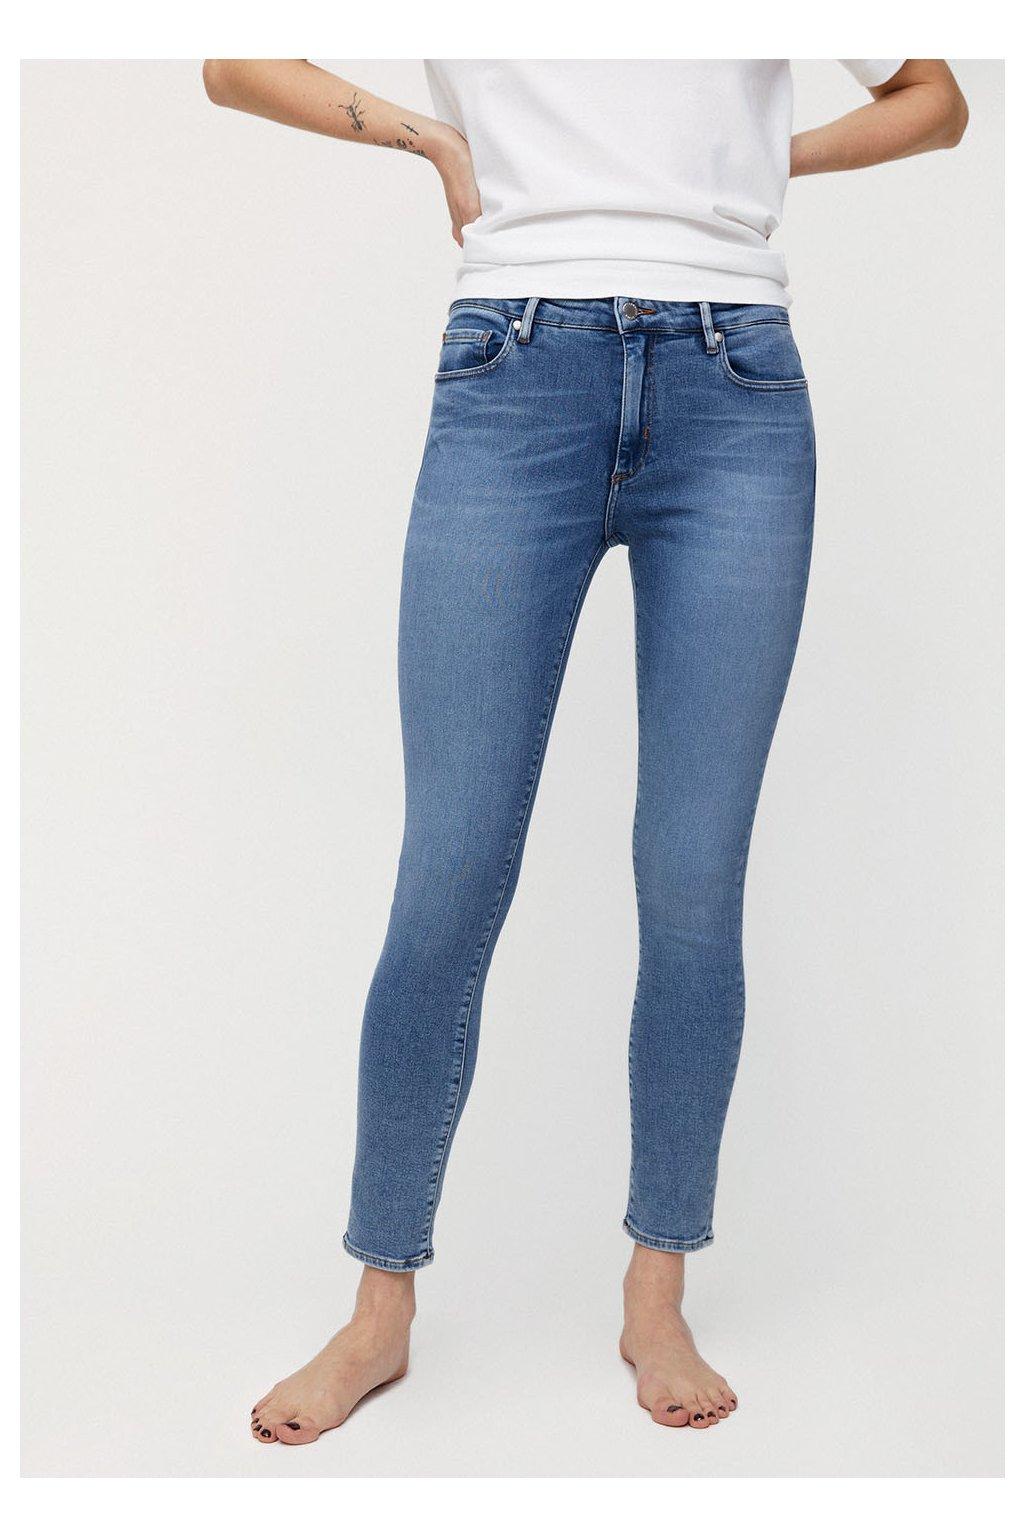 """Dámské světle modré džíny """"TILLAA X STRETCH sky blue"""" (Velikost 25/32)"""